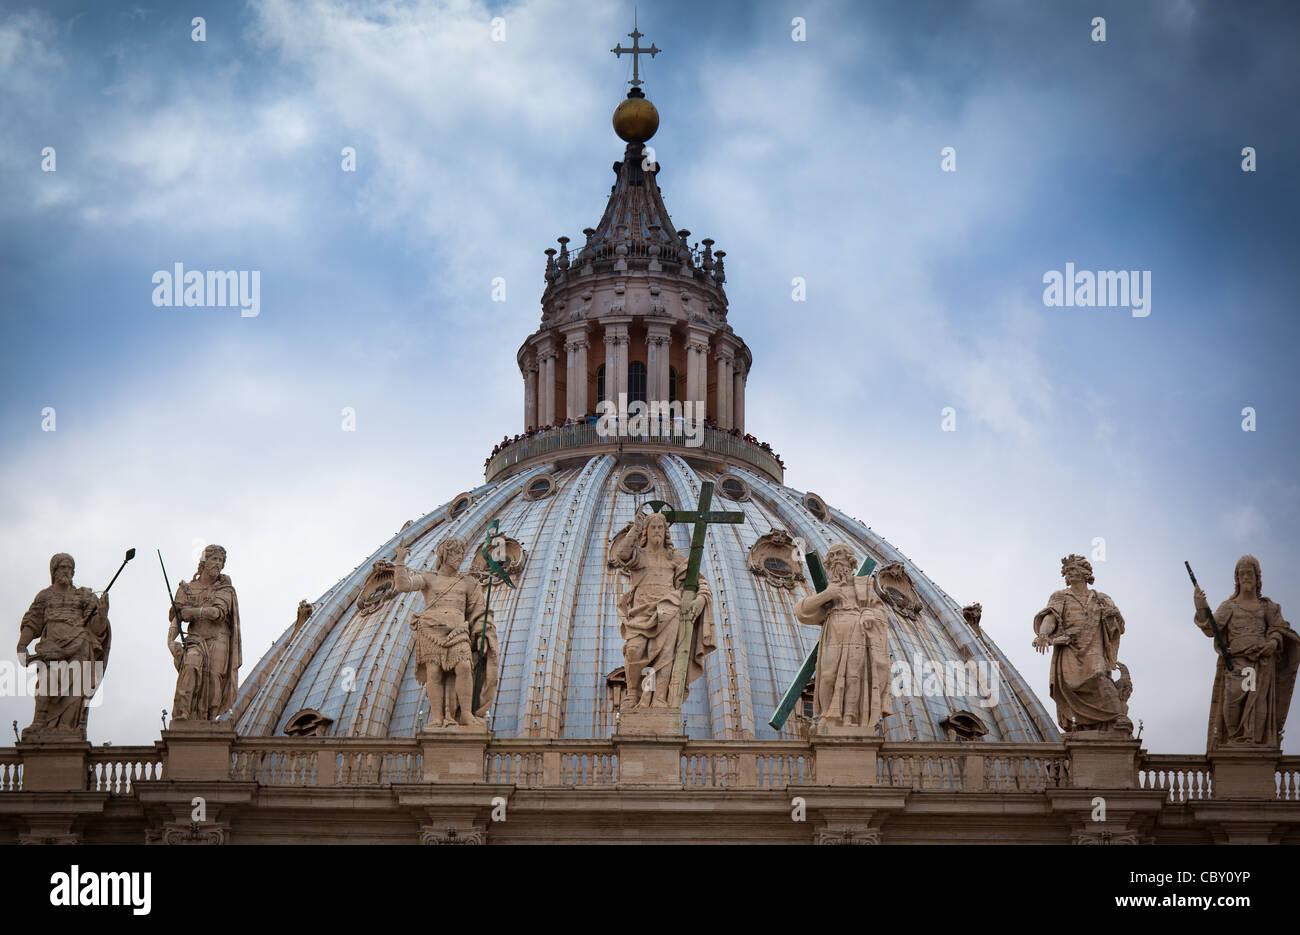 Toit de la Basilique Saint Pierre au Vatican, Rome, Italie Photo Stock